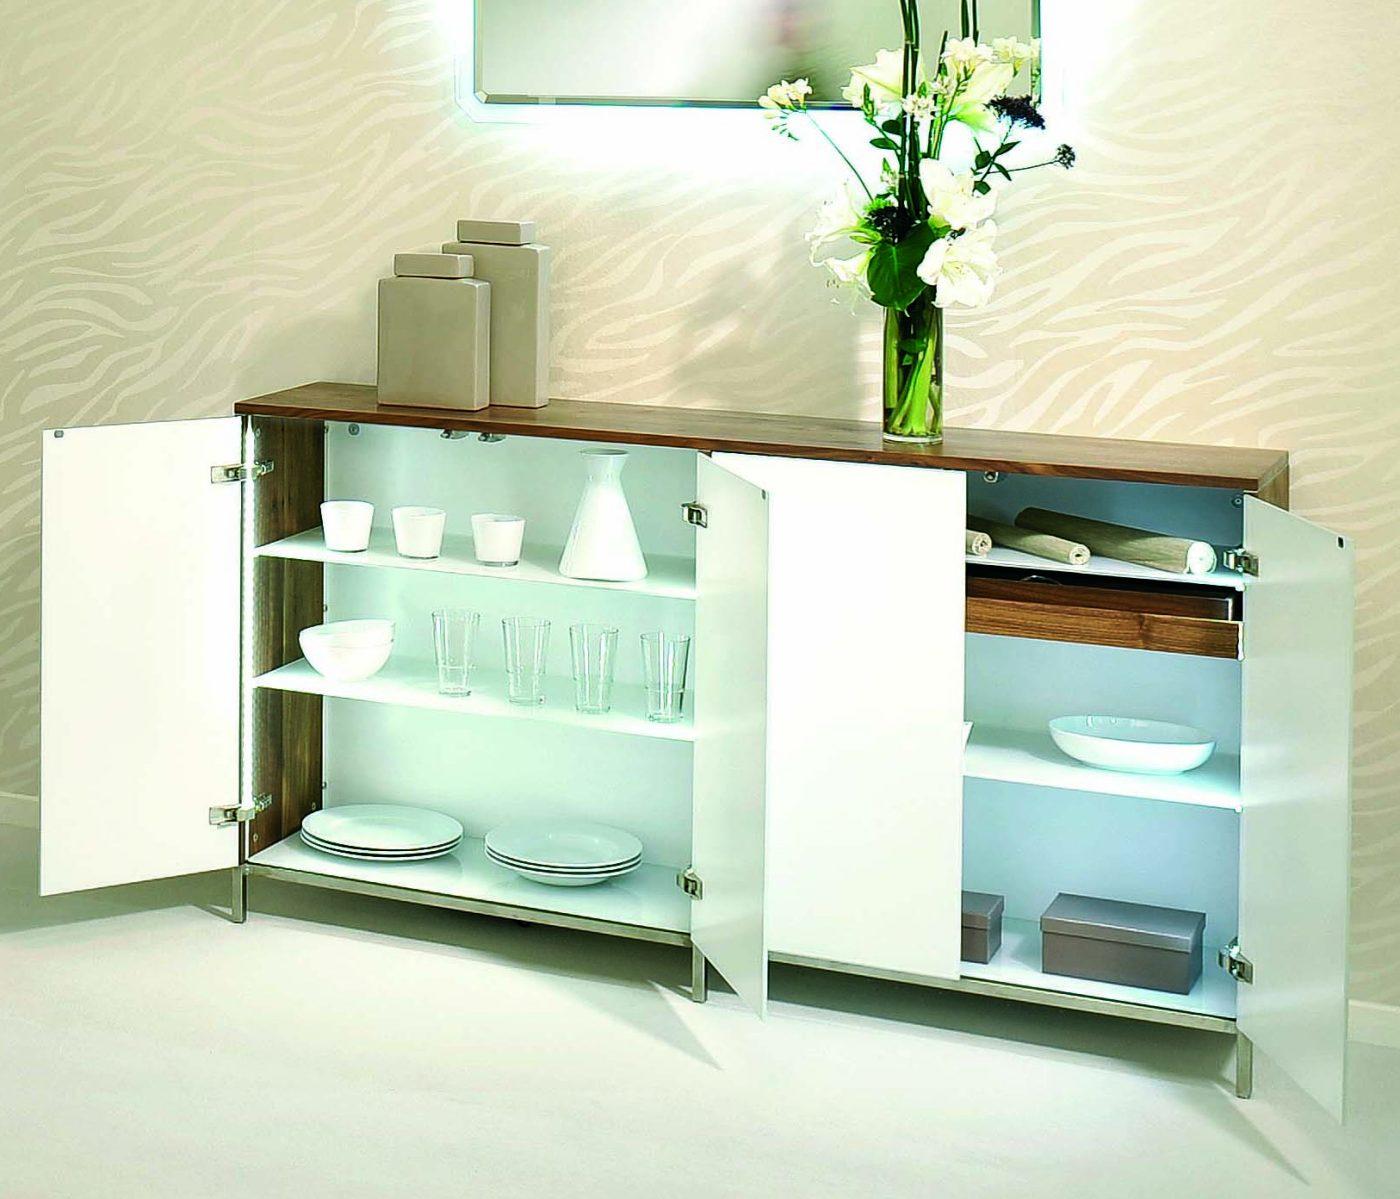 hochwertiges und modernes sideboard aus nussbaum massiv wei e glast ren mit push to open. Black Bedroom Furniture Sets. Home Design Ideas